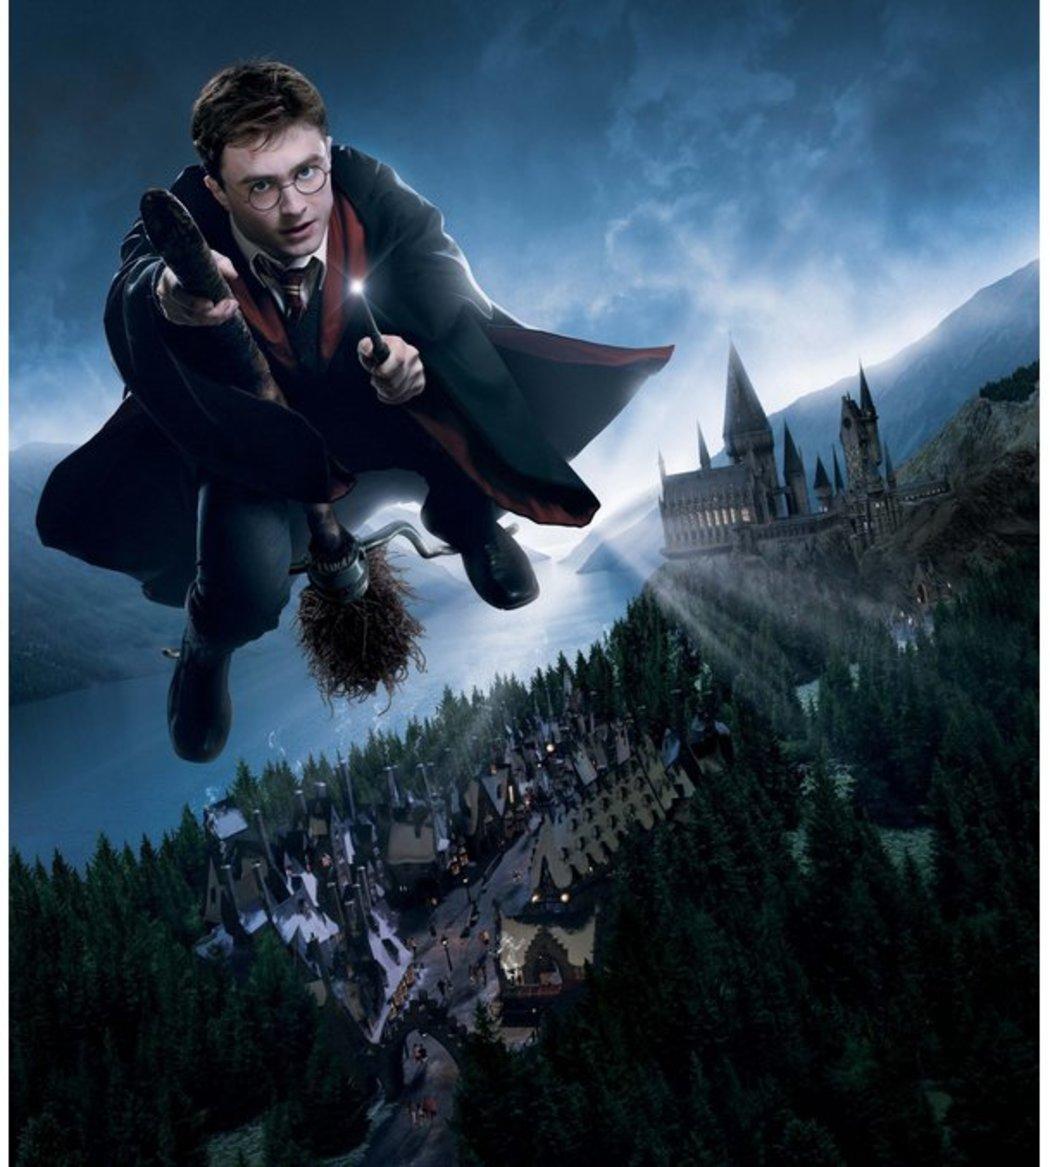 Harry Potter Und Der Halbblutprinz Auf Sat1 Top Story